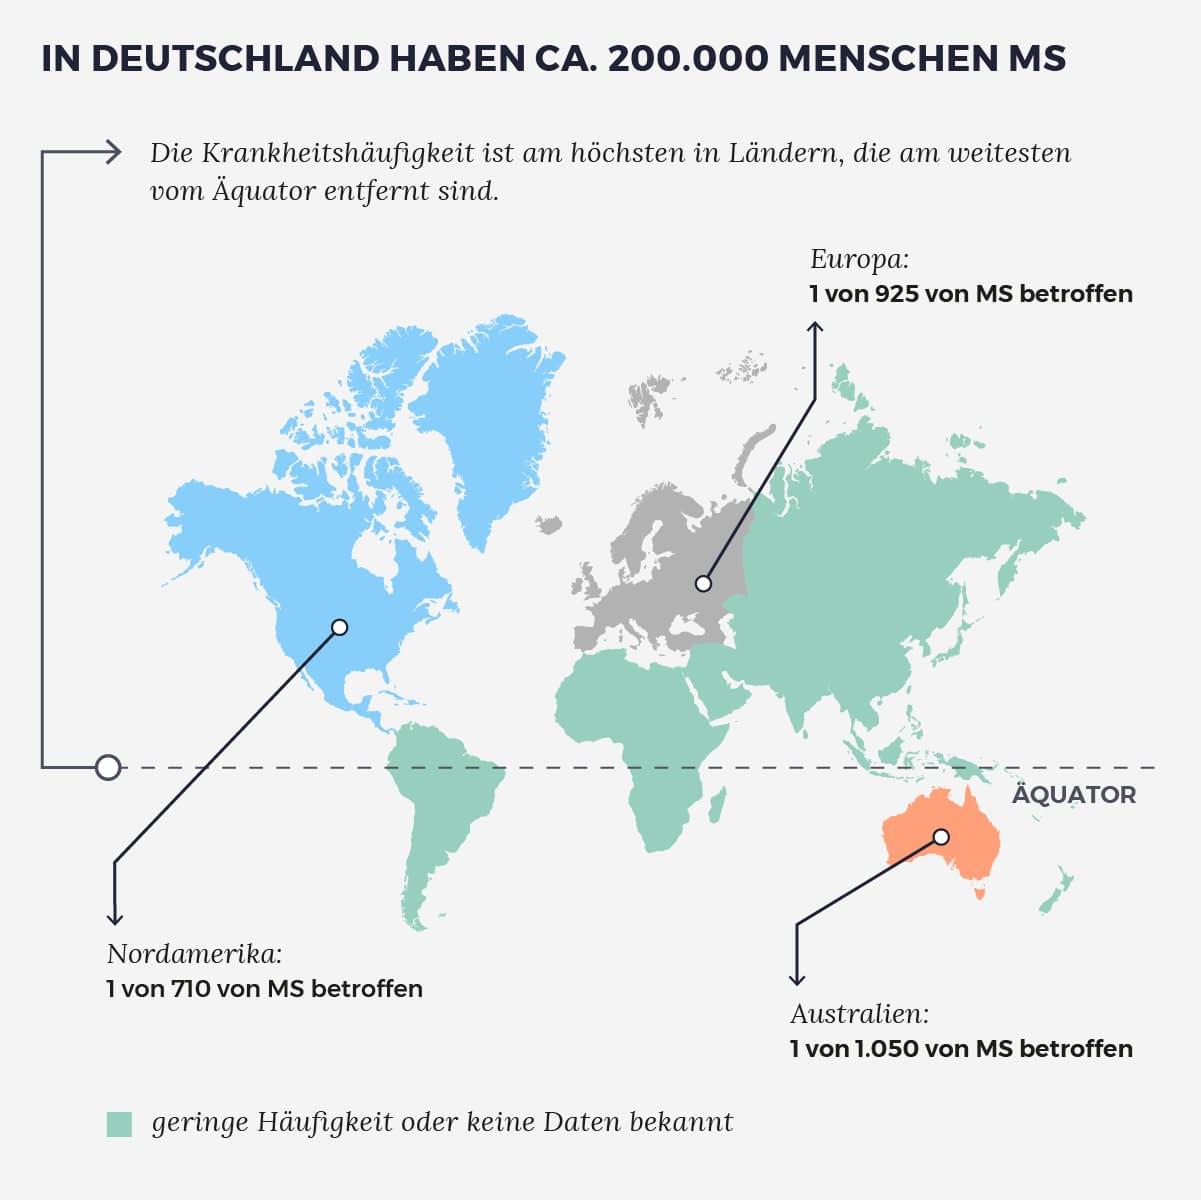 In Deutschland haben ca. 200.000 Menschen MS